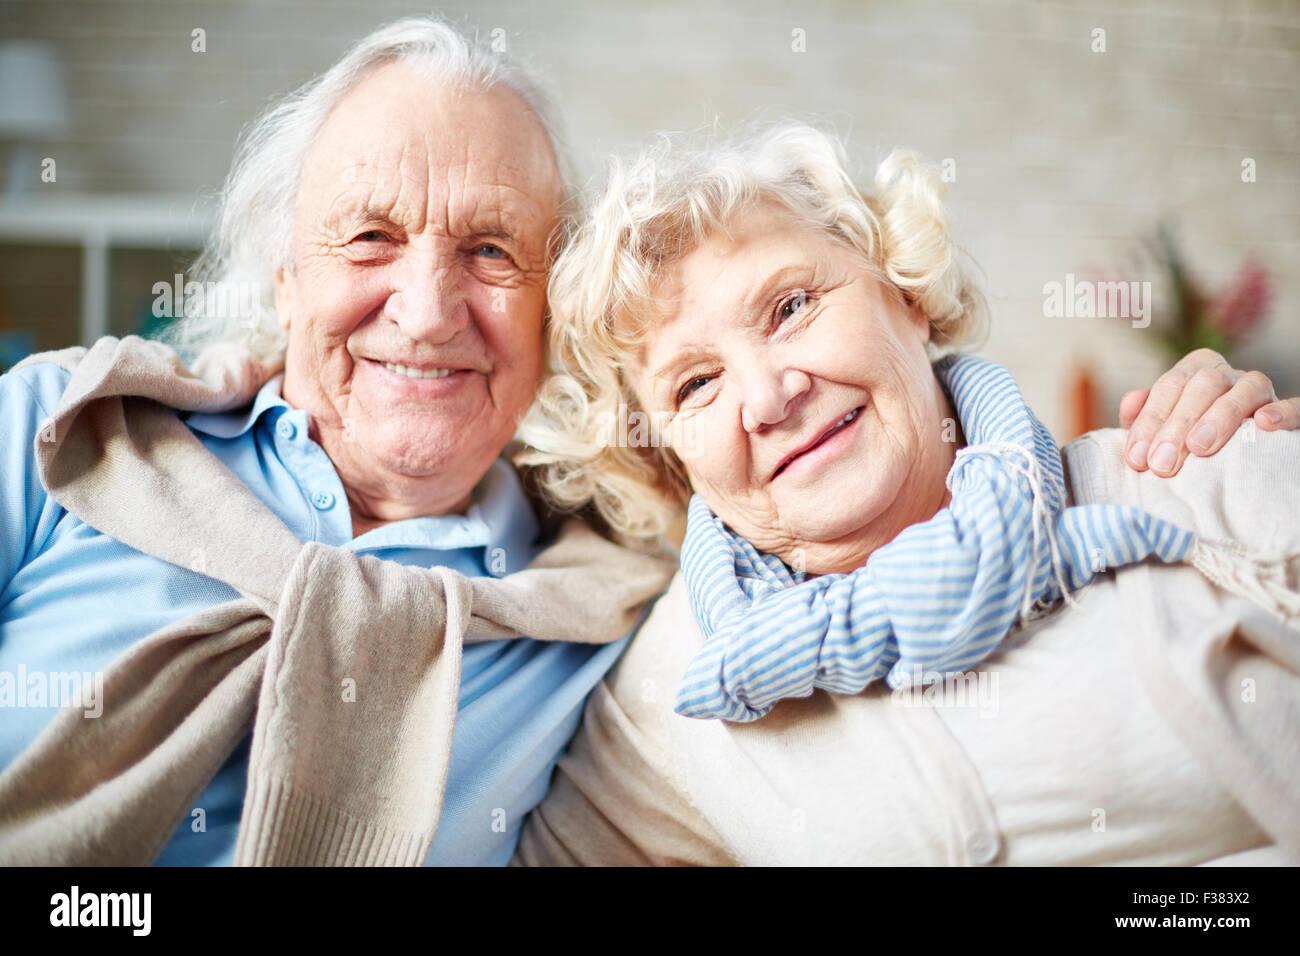 Liebevolle älteres Ehepaar Blick in die Kamera mit einem Lächeln Stockbild